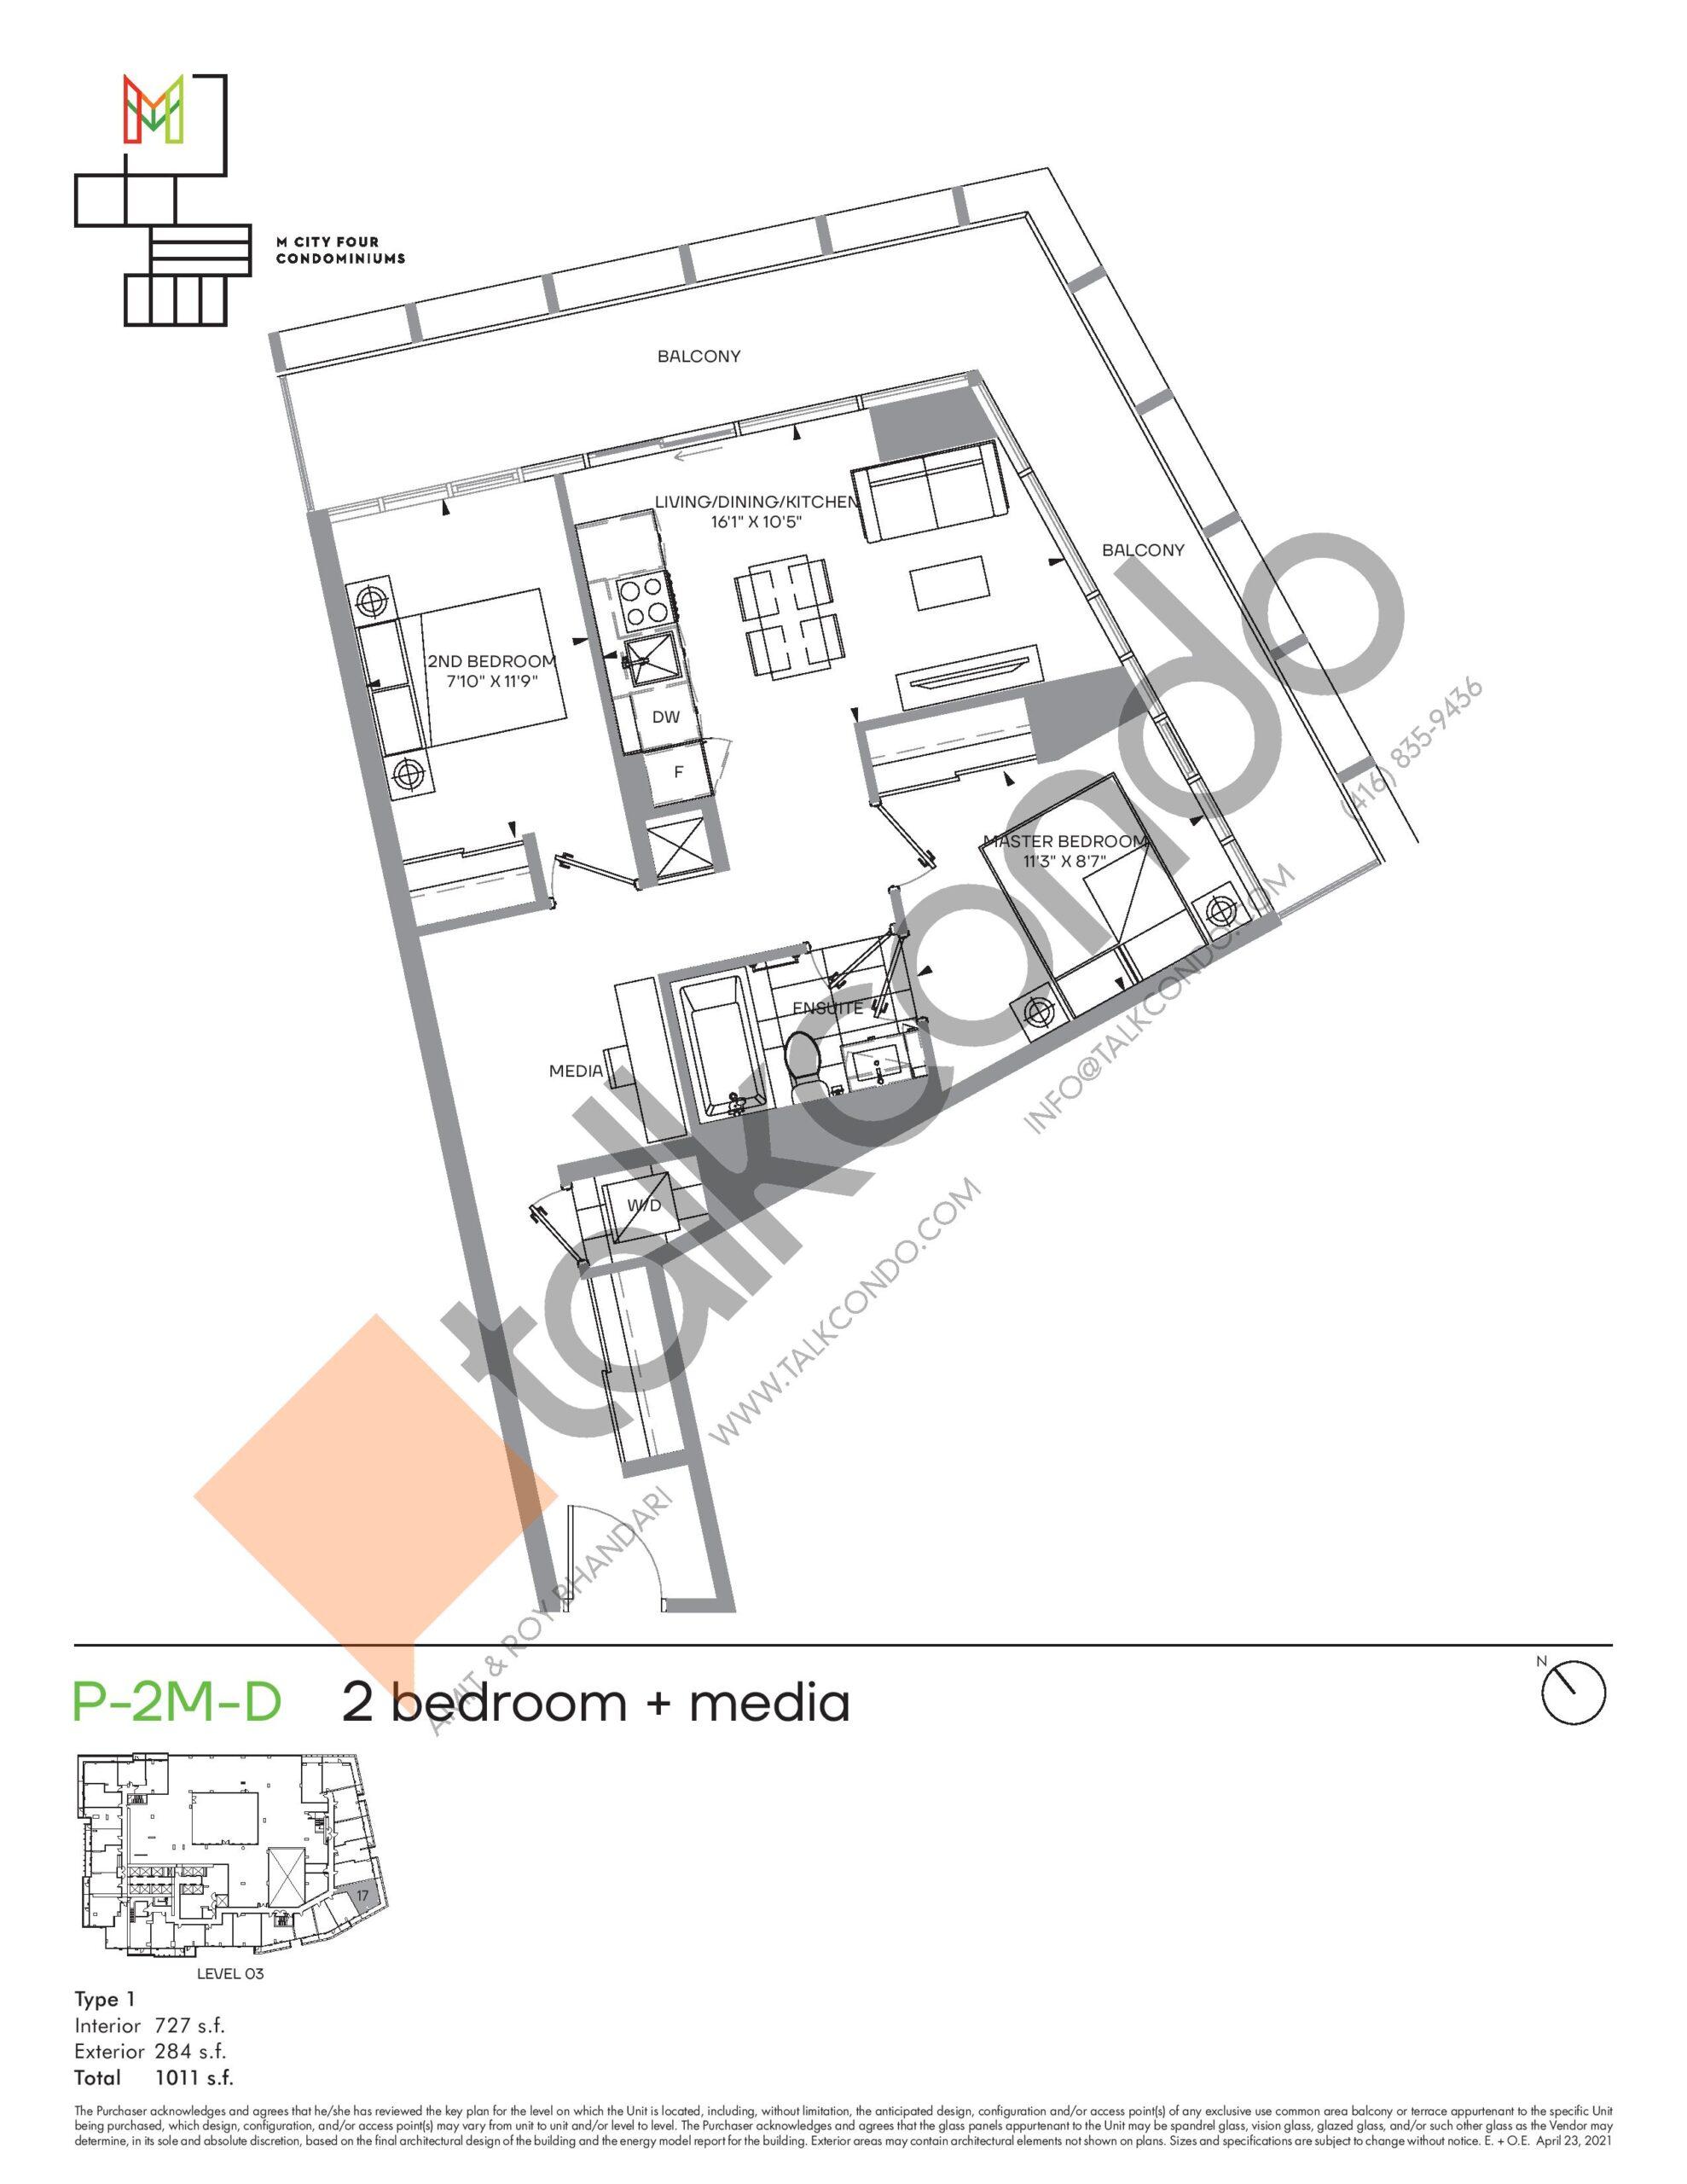 P-2M-D (Podium) Floor Plan at M4 Condos - 727 sq.ft